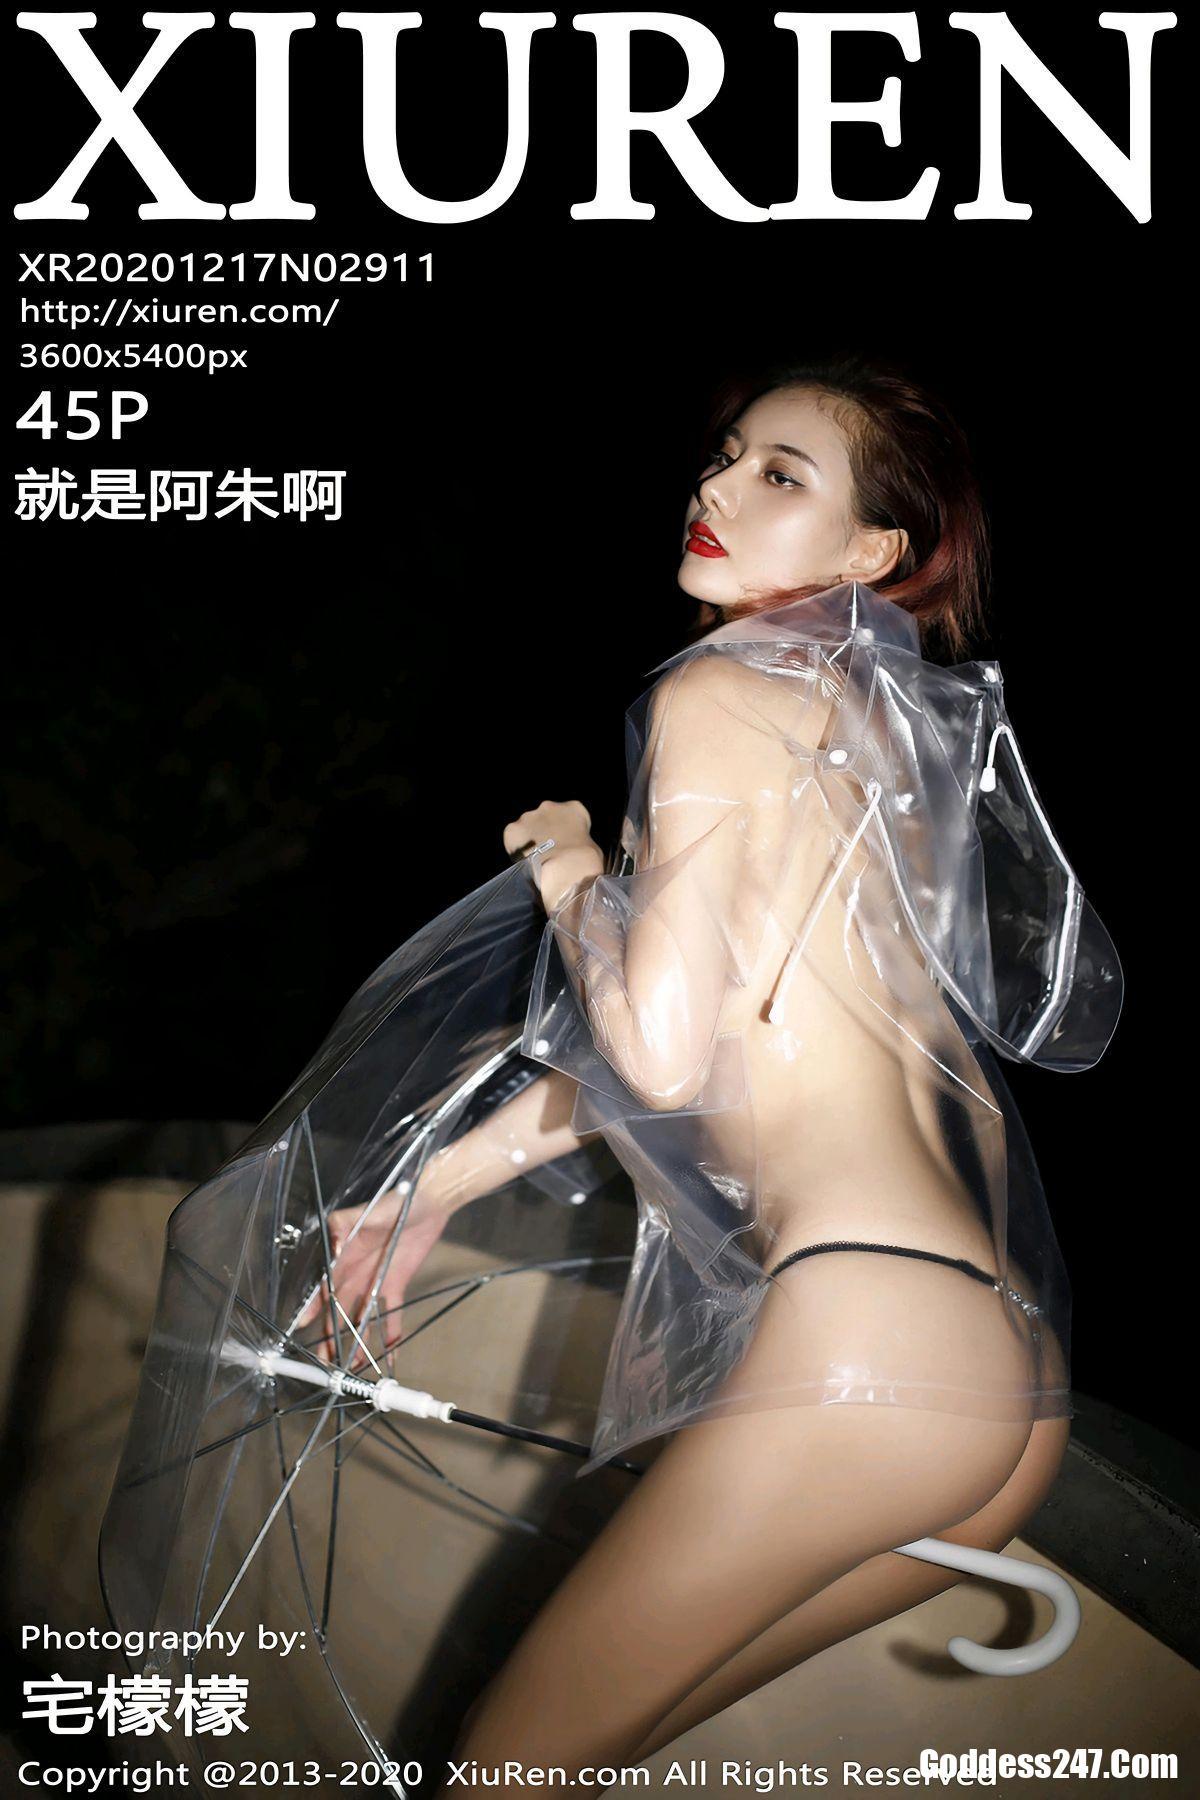 XiuRen秀人网 No.2911 就是阿朱啊